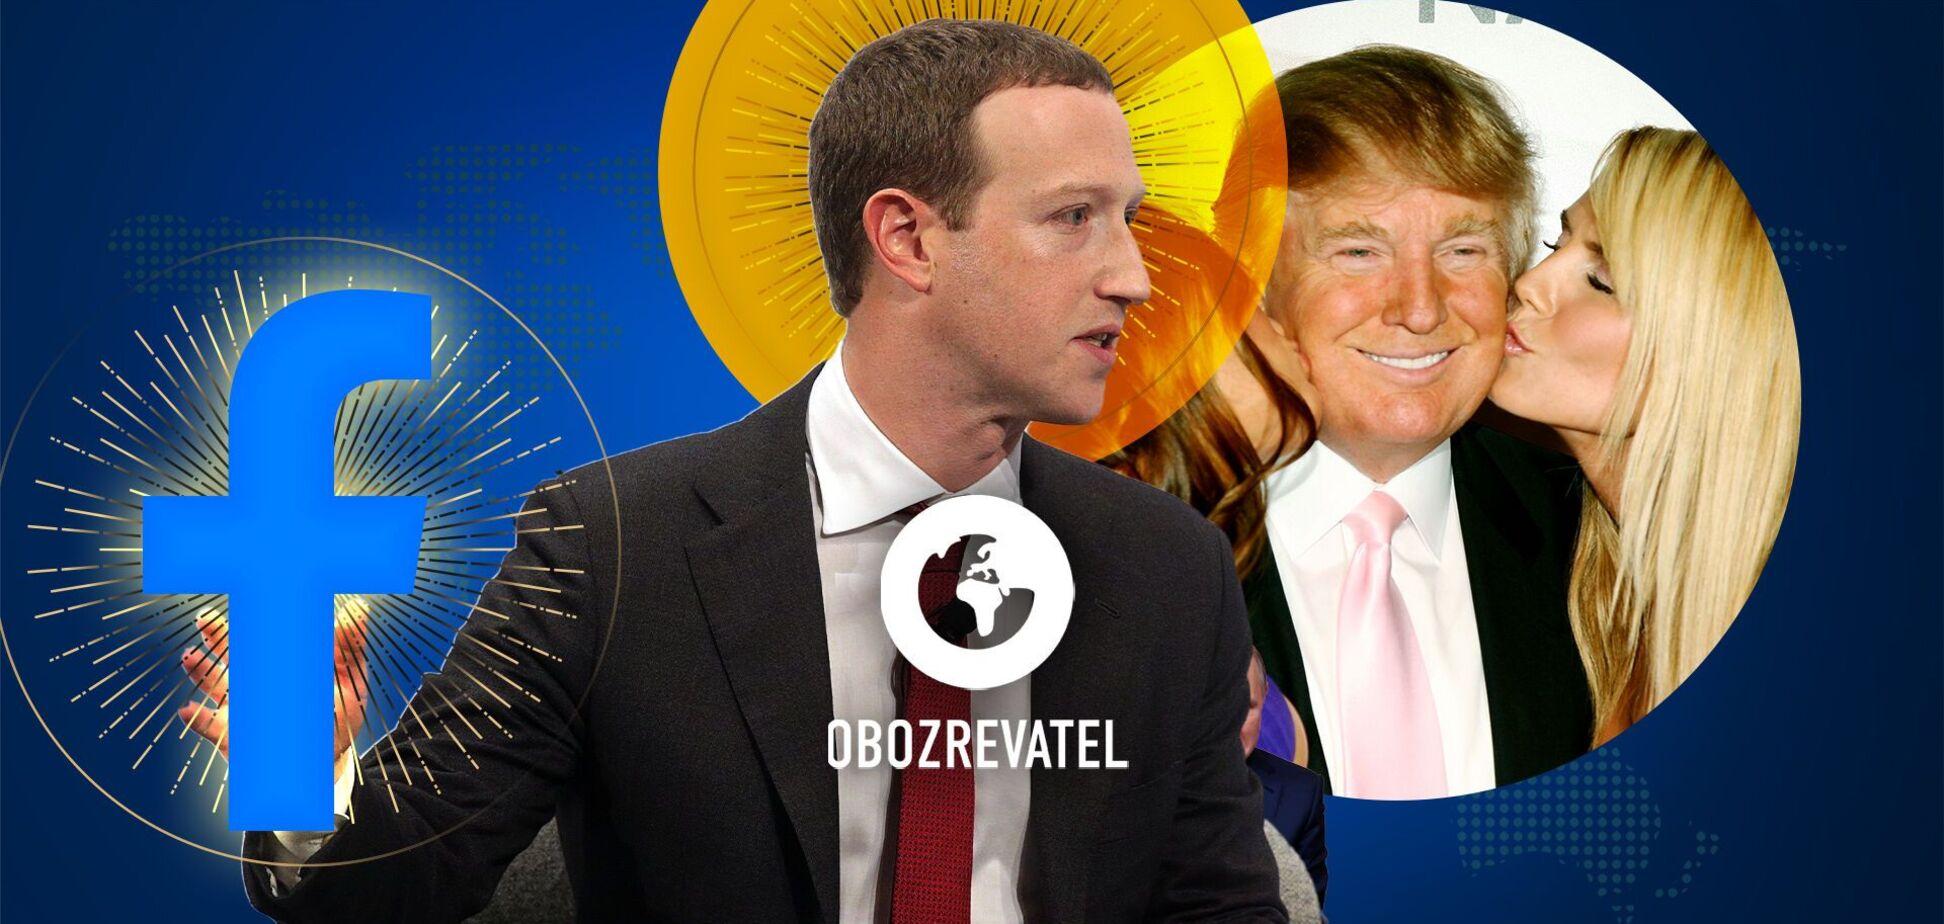 Боротьба Facebook із Трампом, працевлаштування іноземців у Польщі та жертви на Тайвані – дайджест міжнародних подій